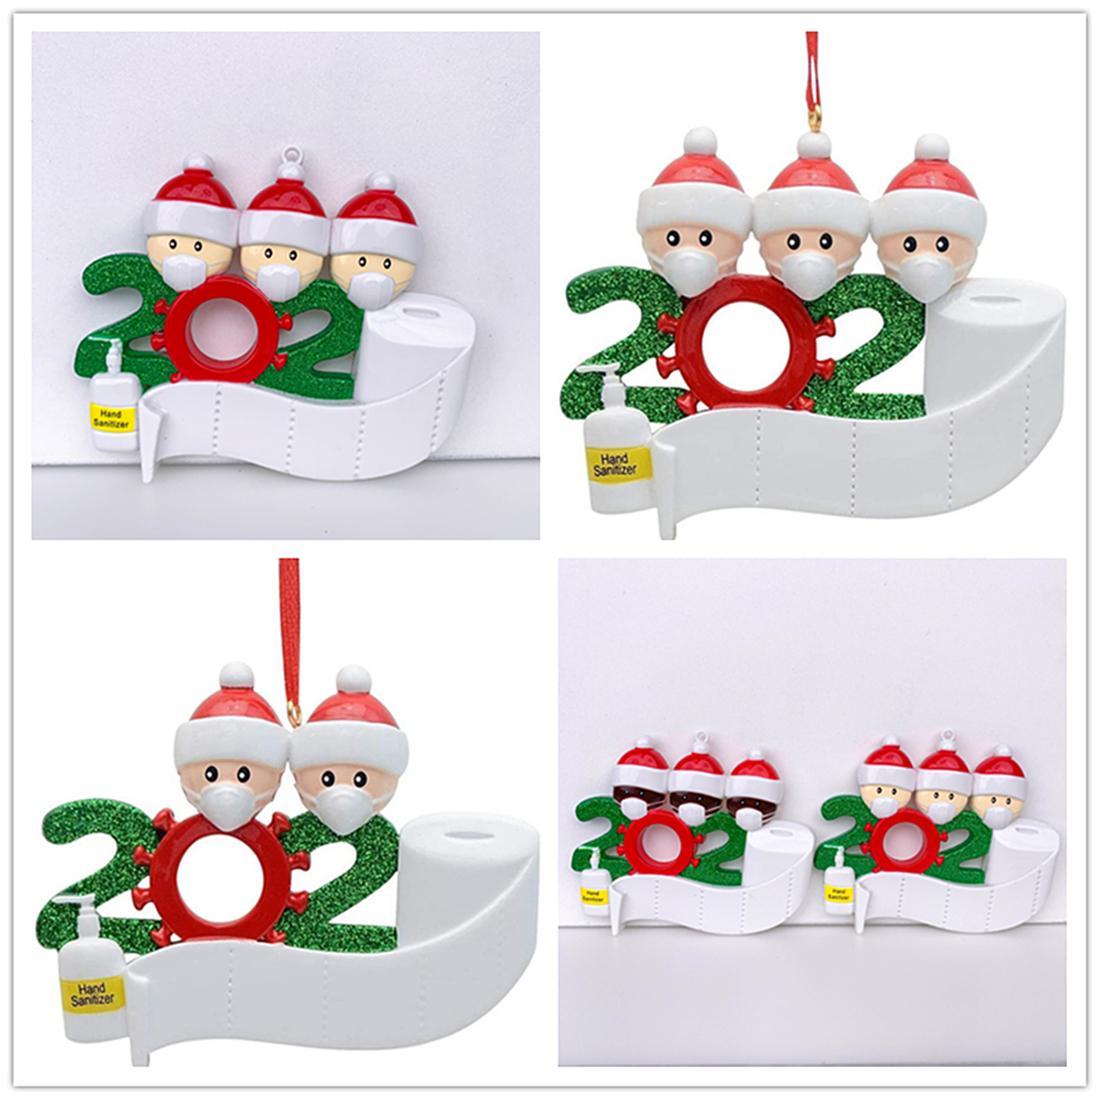 Sınır ötesi sıcak satış maskesi Kardan adam Noel ağacı asılı kolye PVC Noel kurtulan kolye yılbaşı süsü 02